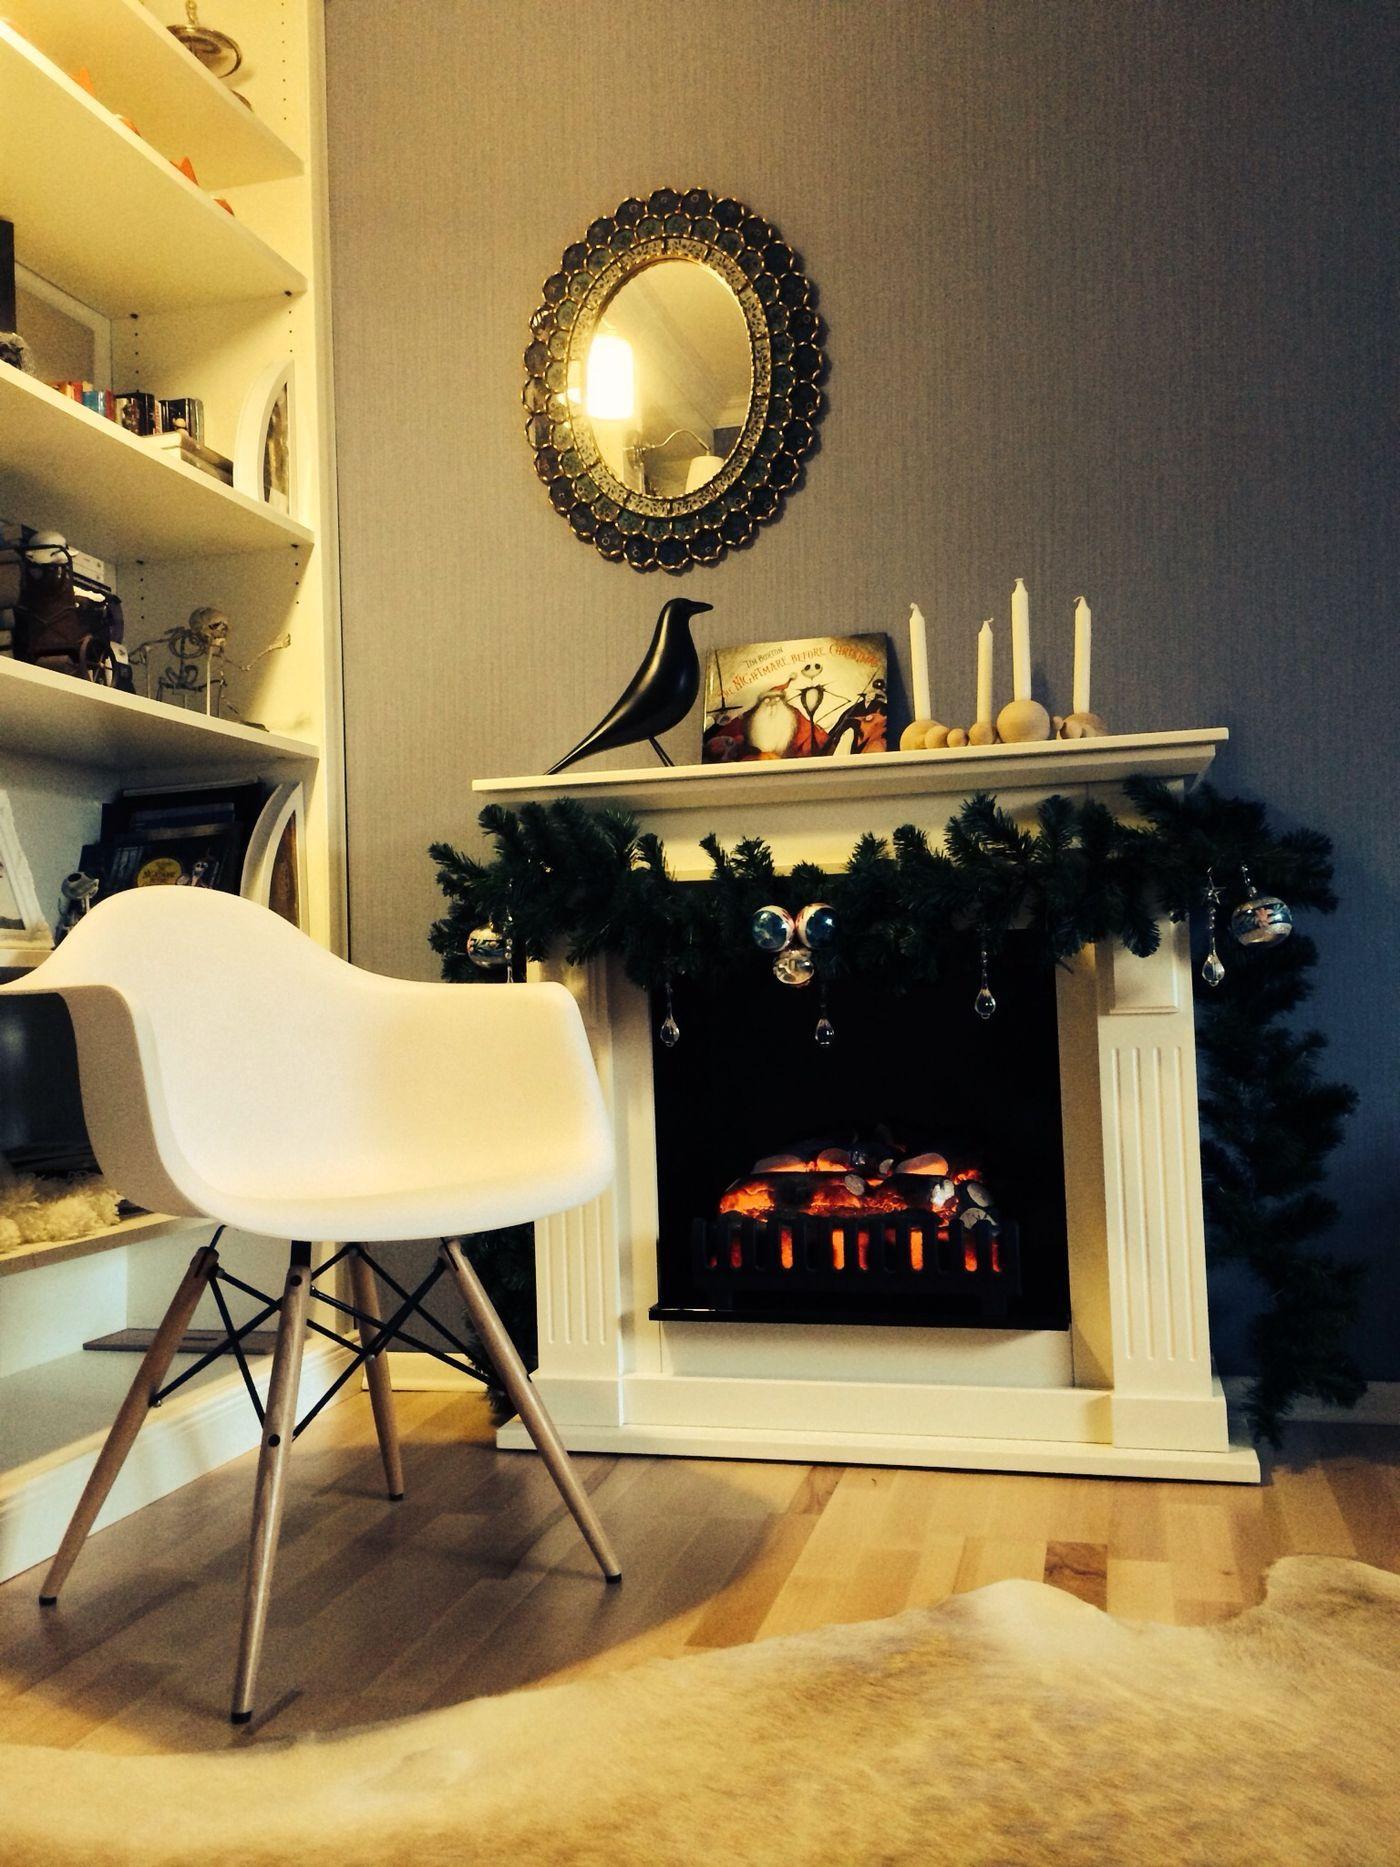 Merry Christmas! Alle Wohnideen zum Thema Weihnachten - Seite 179